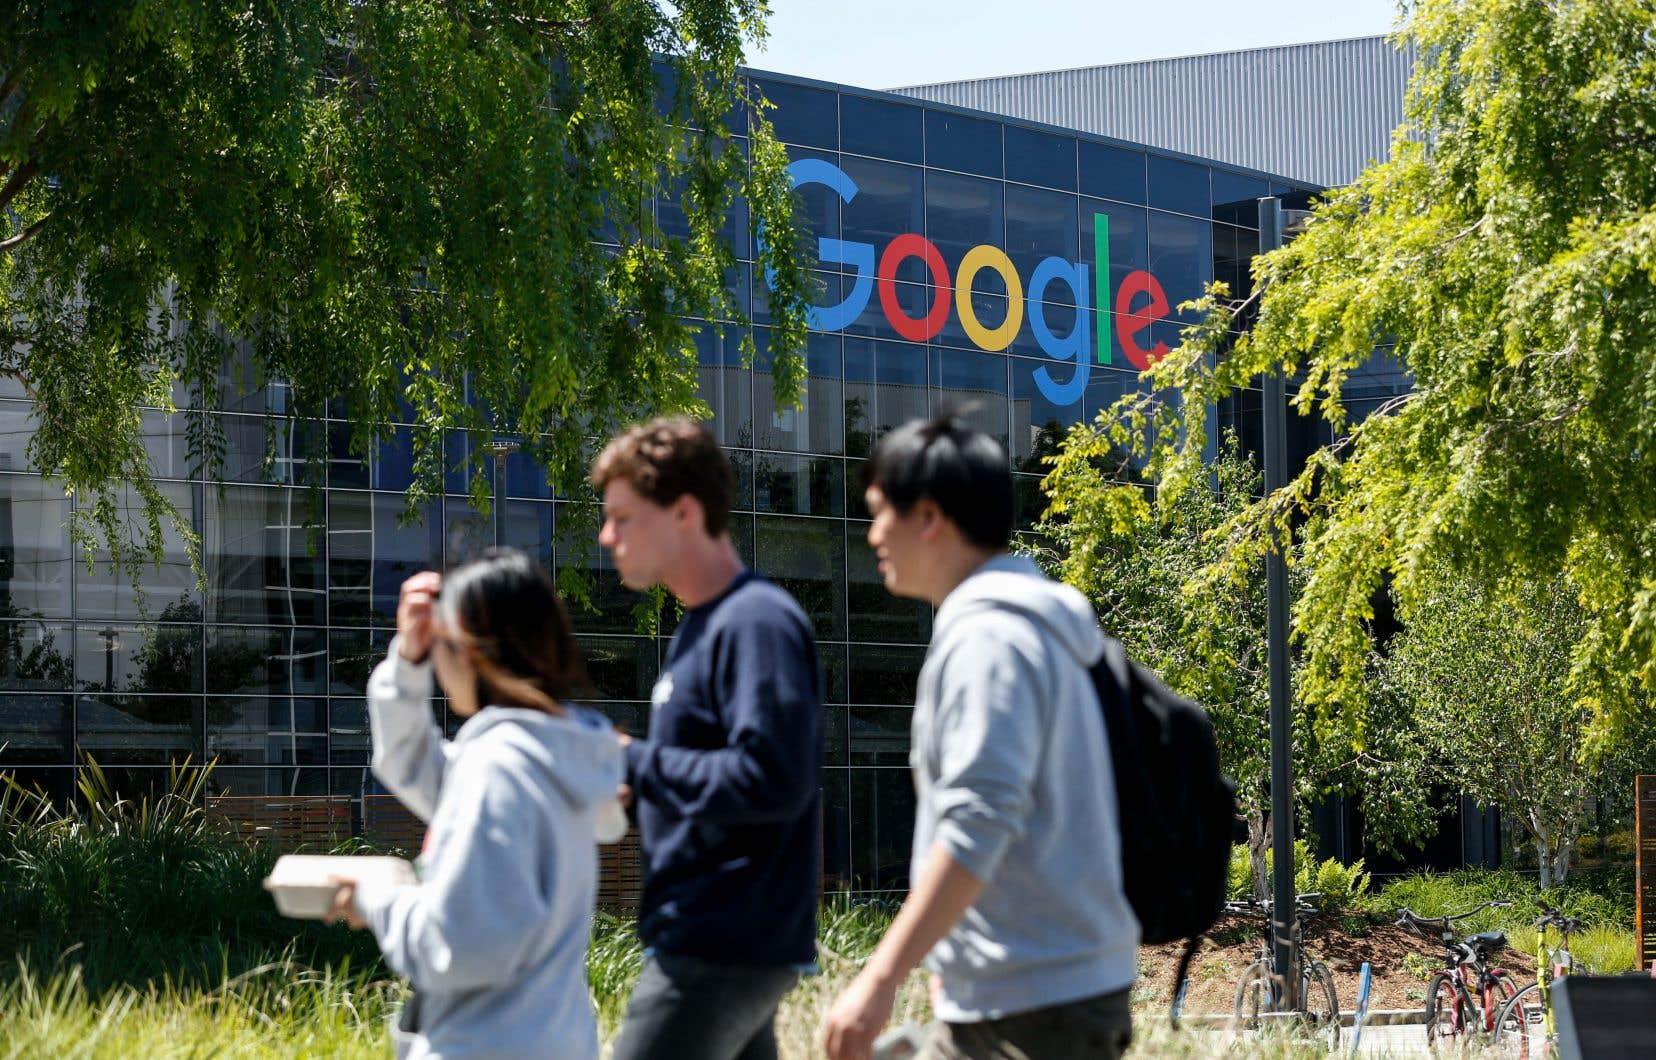 Une pétition a été signée par plus de 600 salariés de Google, selon un décompte en fin d'après-midi mercredi.